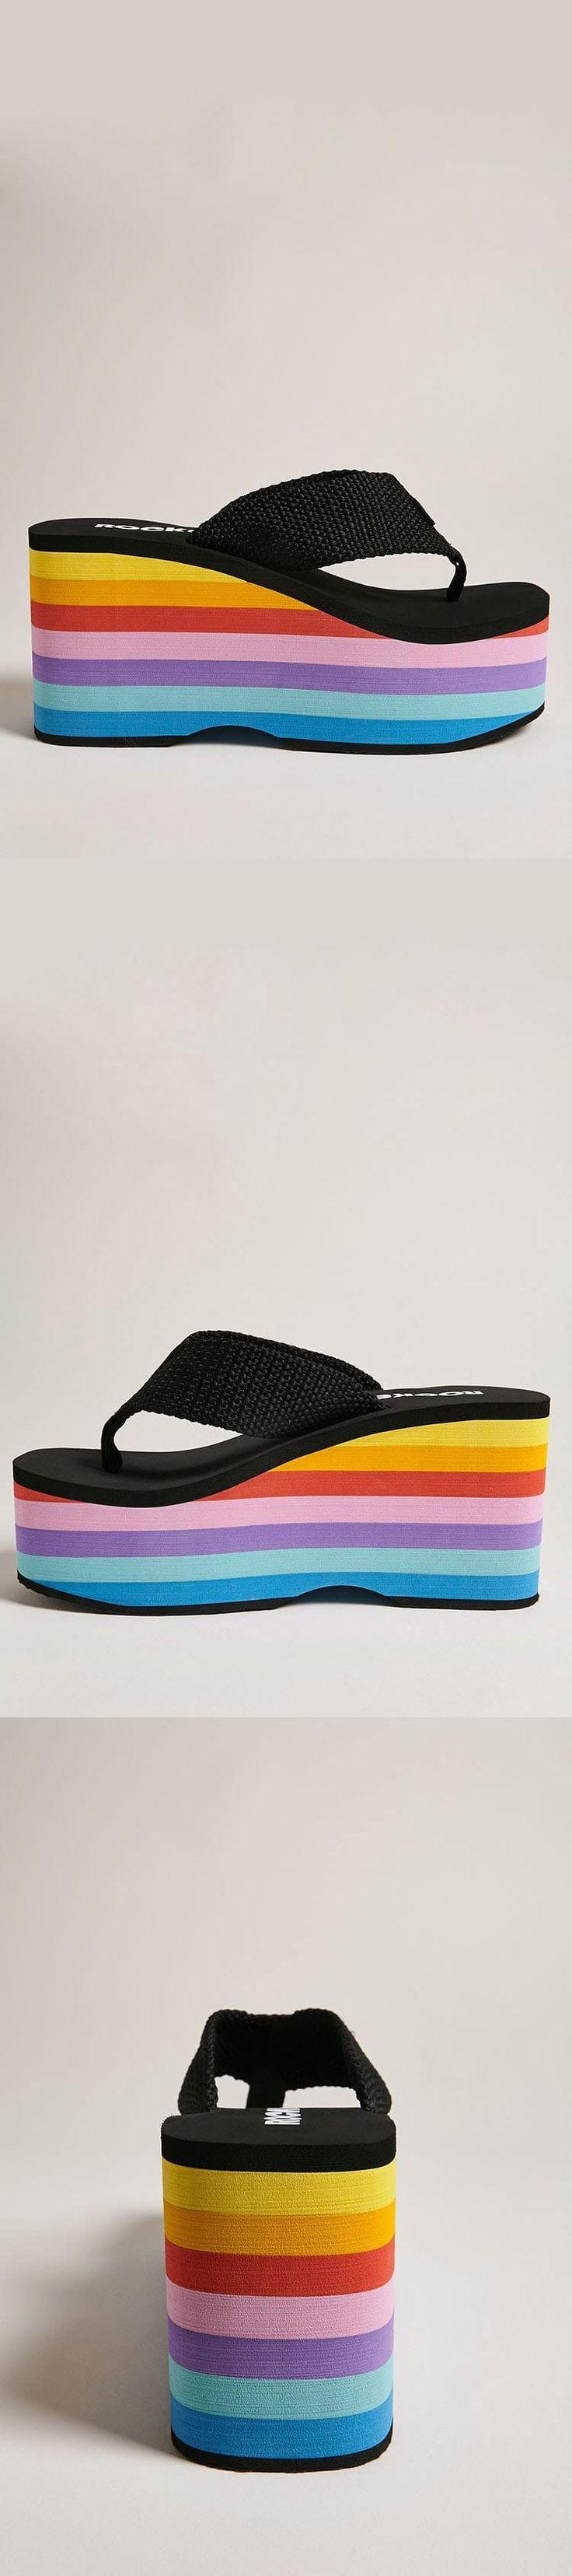 Rocket Dog Rainbow Platform Sandals // 38.00 USD // Forever 21